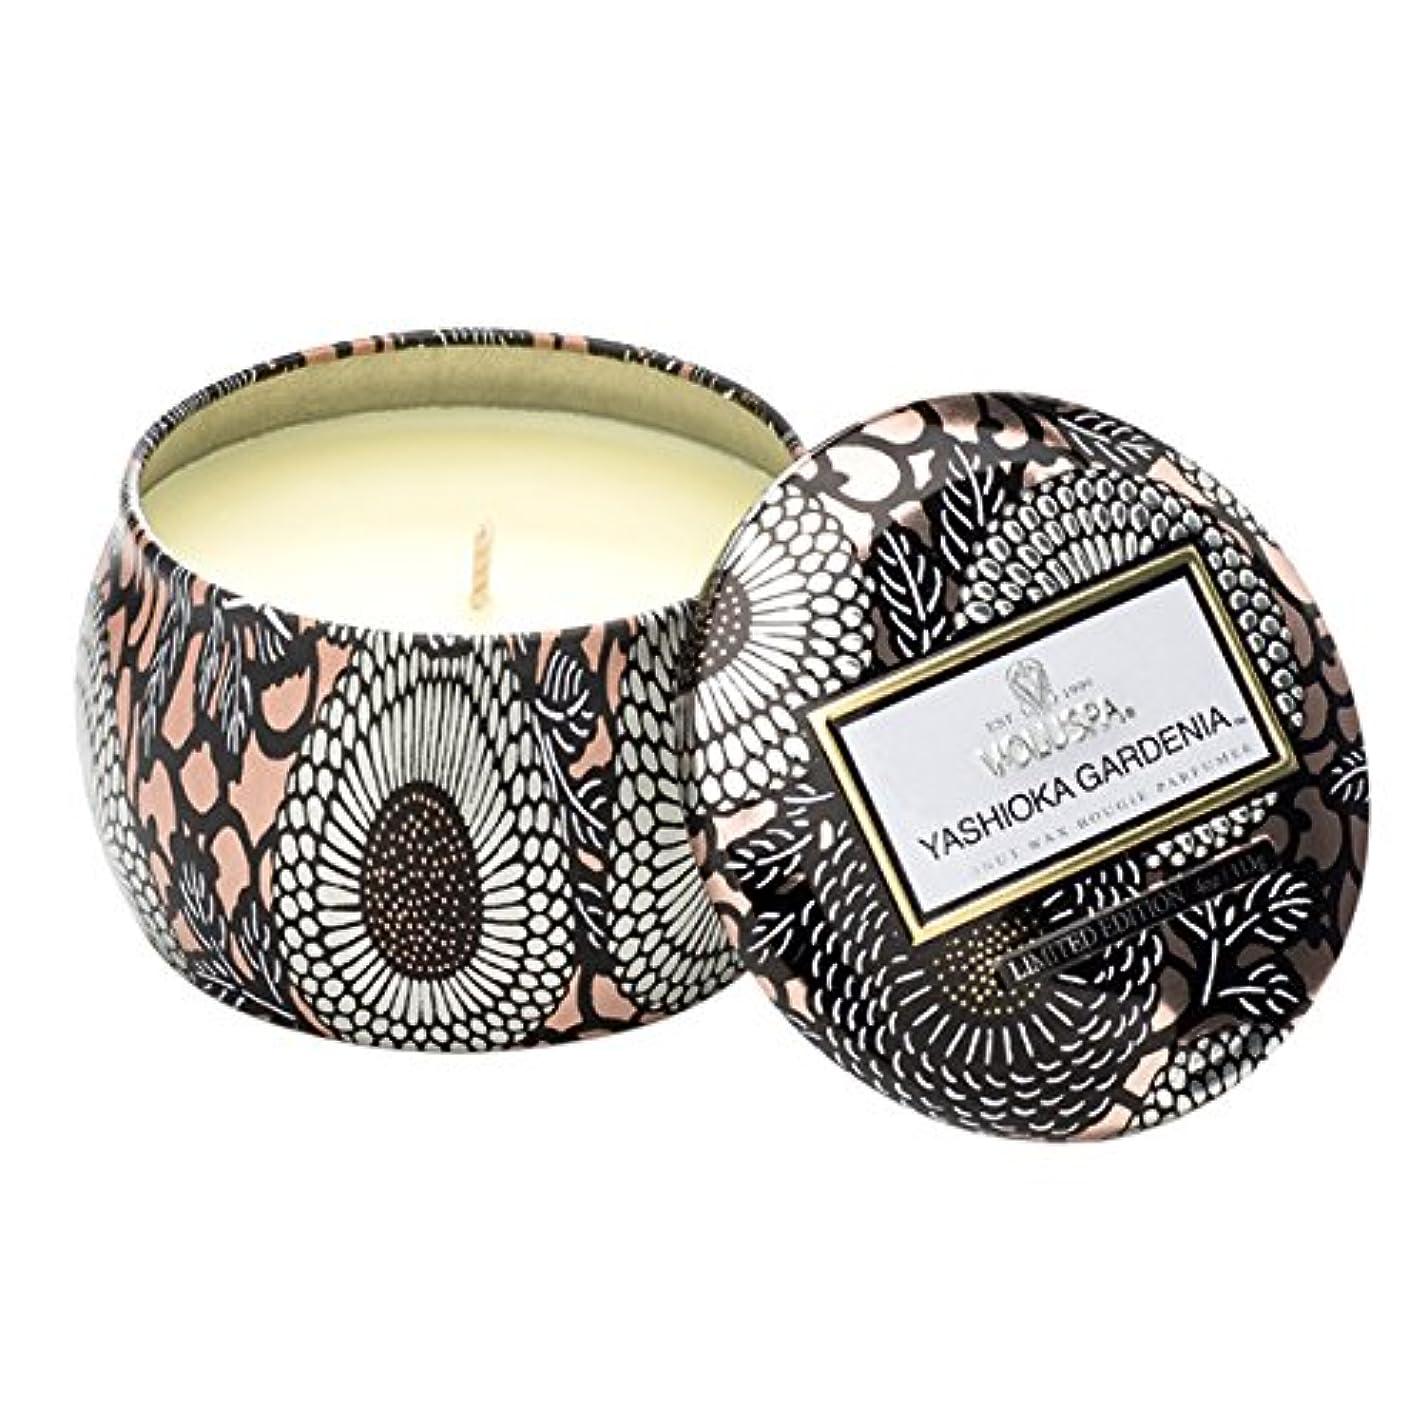 本部仲介者フルートVoluspa ボルスパ ジャポニカ リミテッド ティンキャンドル  S ヤシオカガーデニア YASHIOKA GARDENIA JAPONICA Limited PETITE Tin Glass Candle